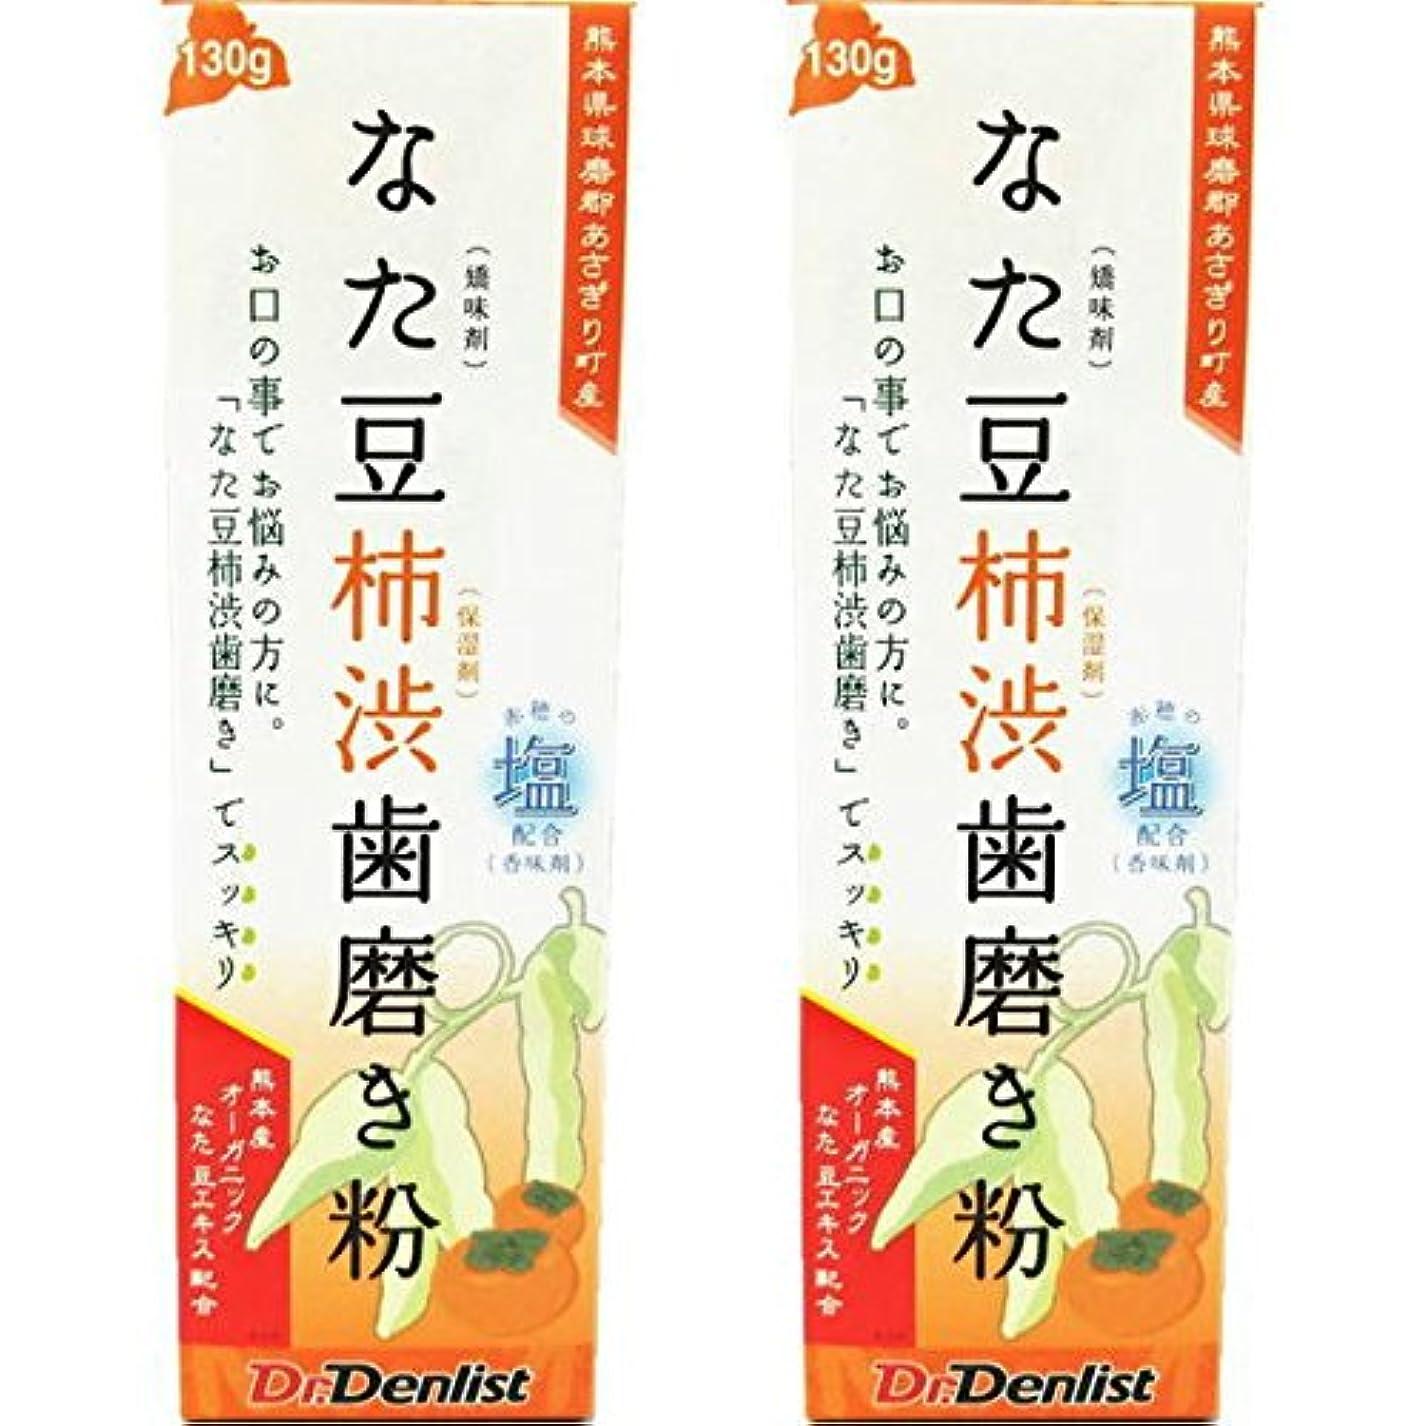 スリルゼロ通知するなた豆柿渋歯磨き 130g 2個セット 国産 有機なた豆使用 赤穂の塩配合(香味剤)